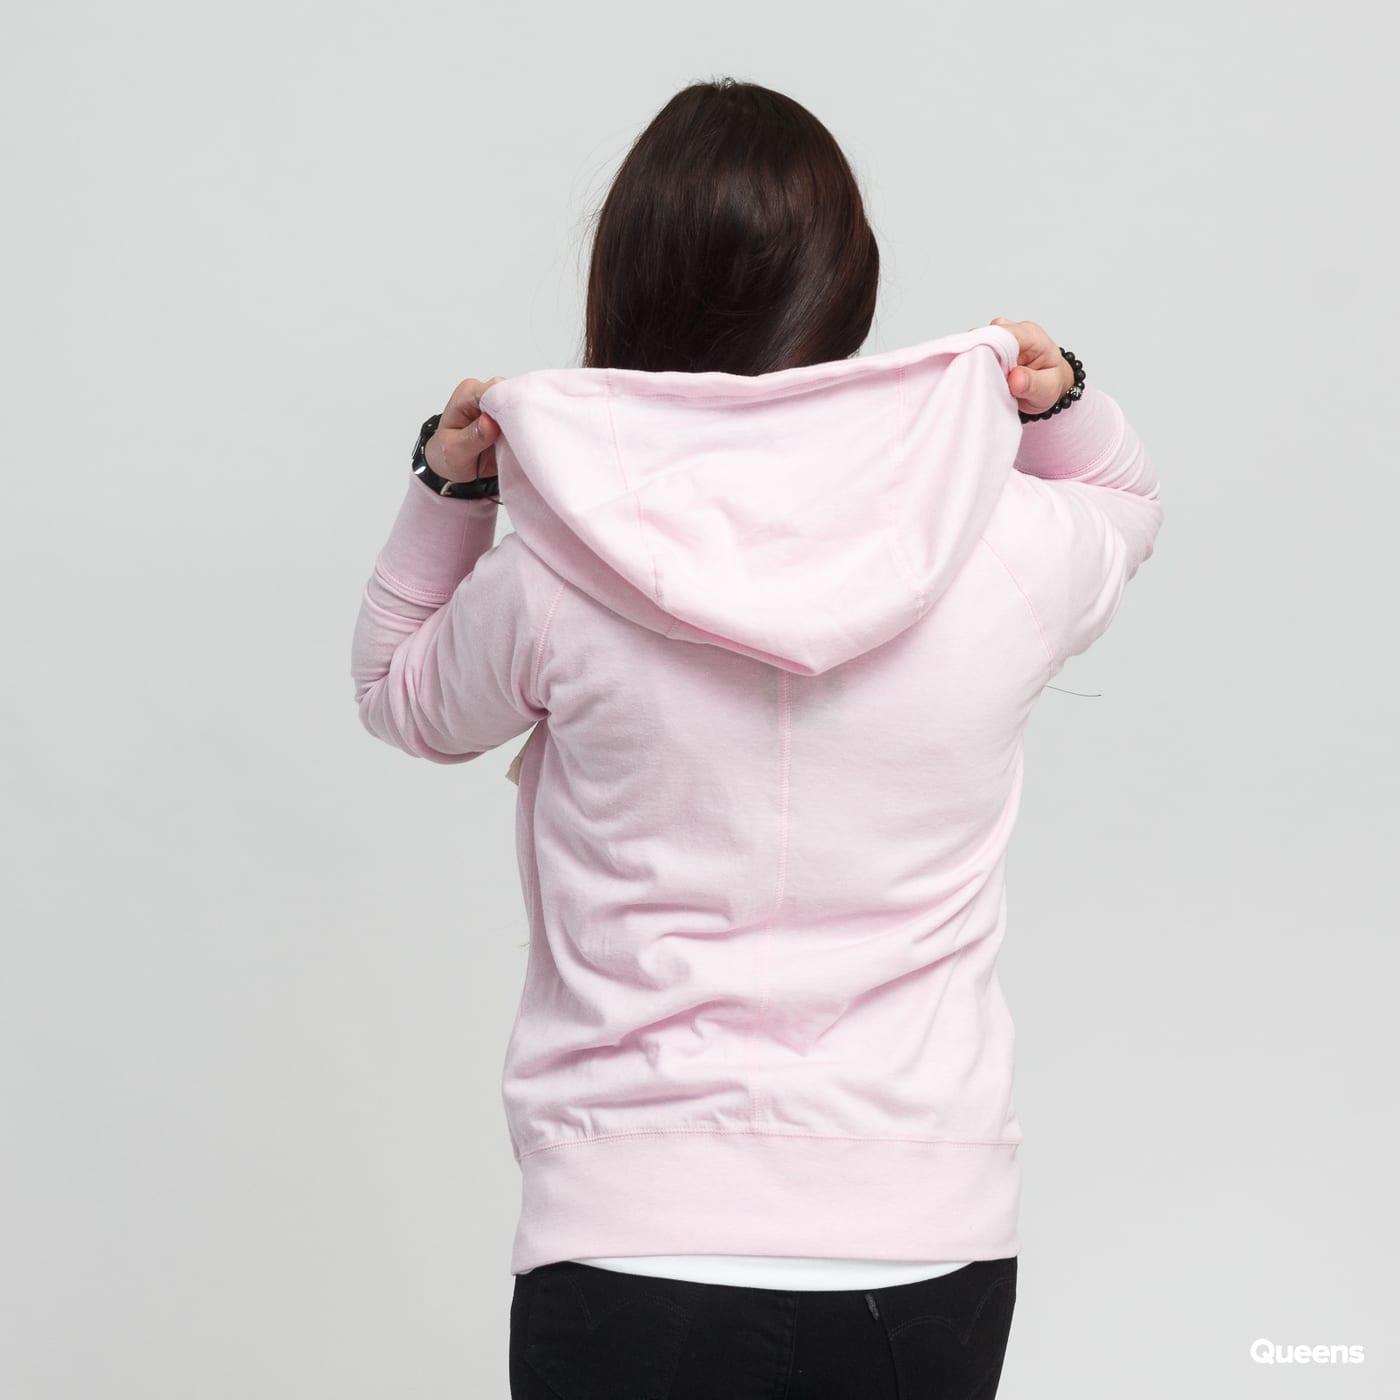 ZvětšitZvětšitZvětšit. Nike W NSW Gym Vintage Hoodie FZ melange světle  růžová f23ac83d3b8